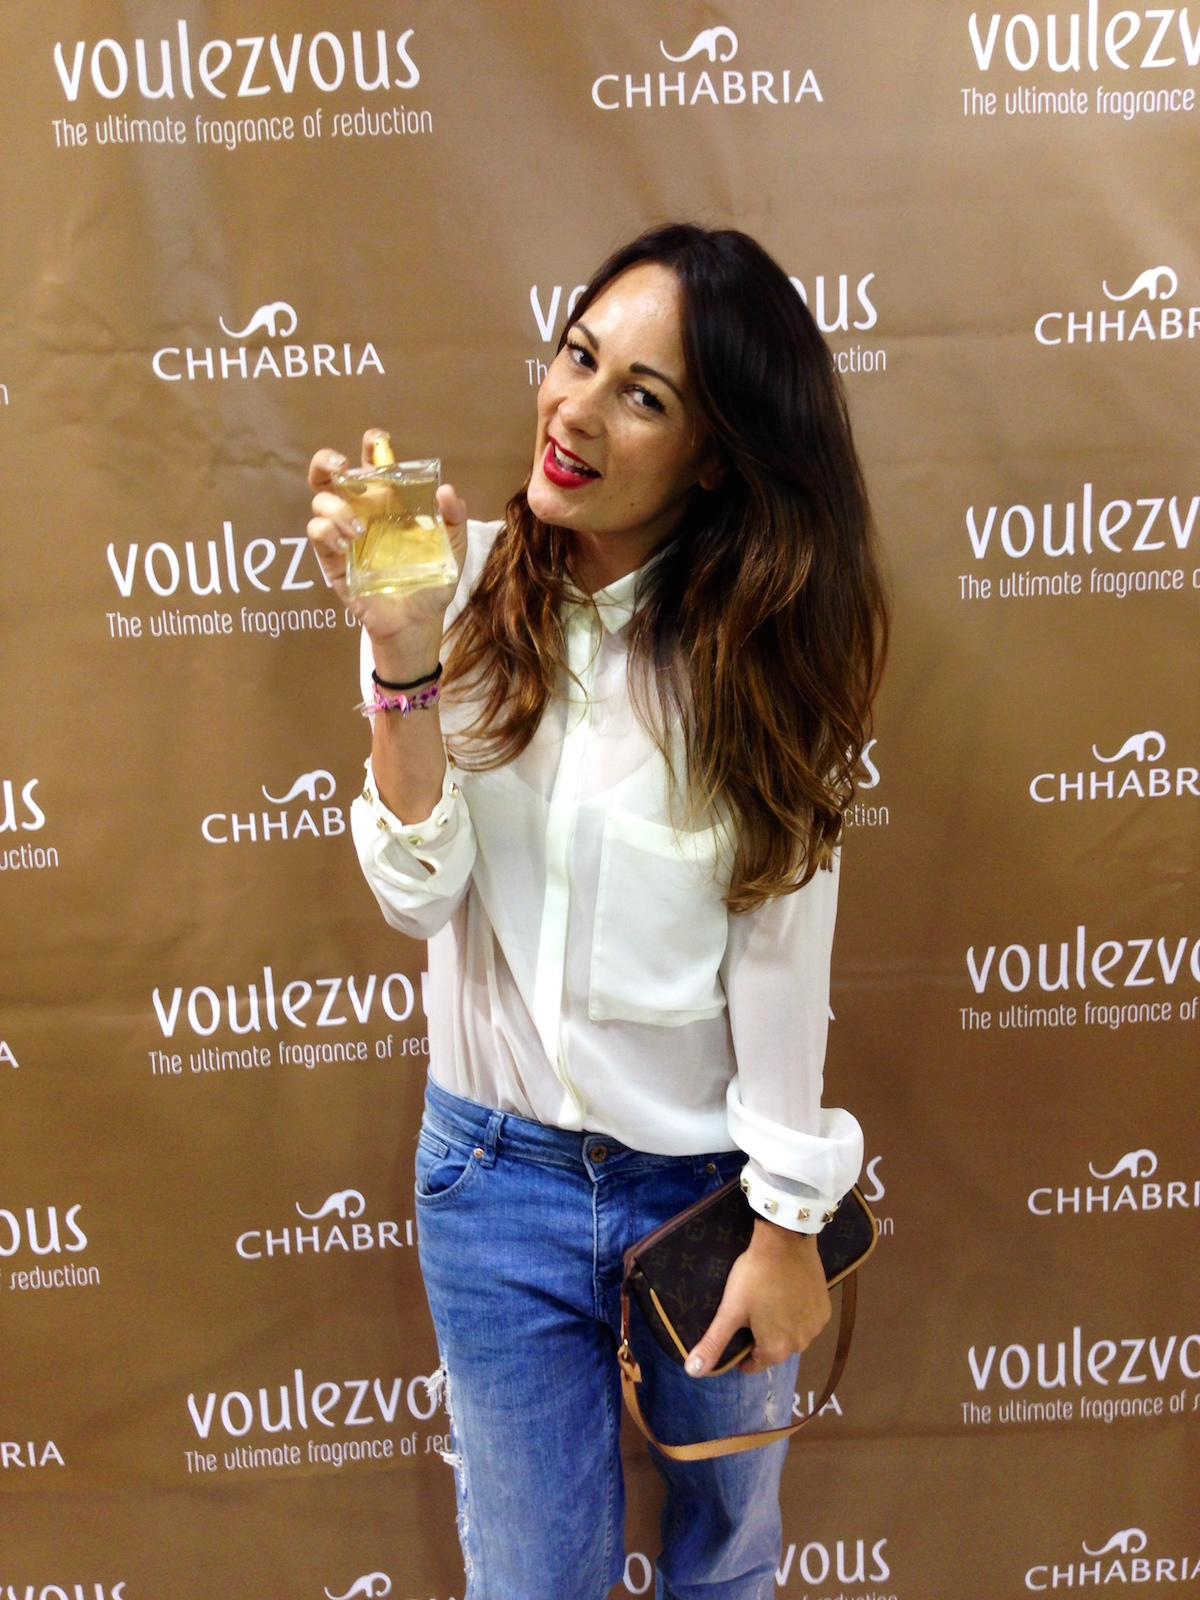 la Volulezvous_perfume_fundgrube 3